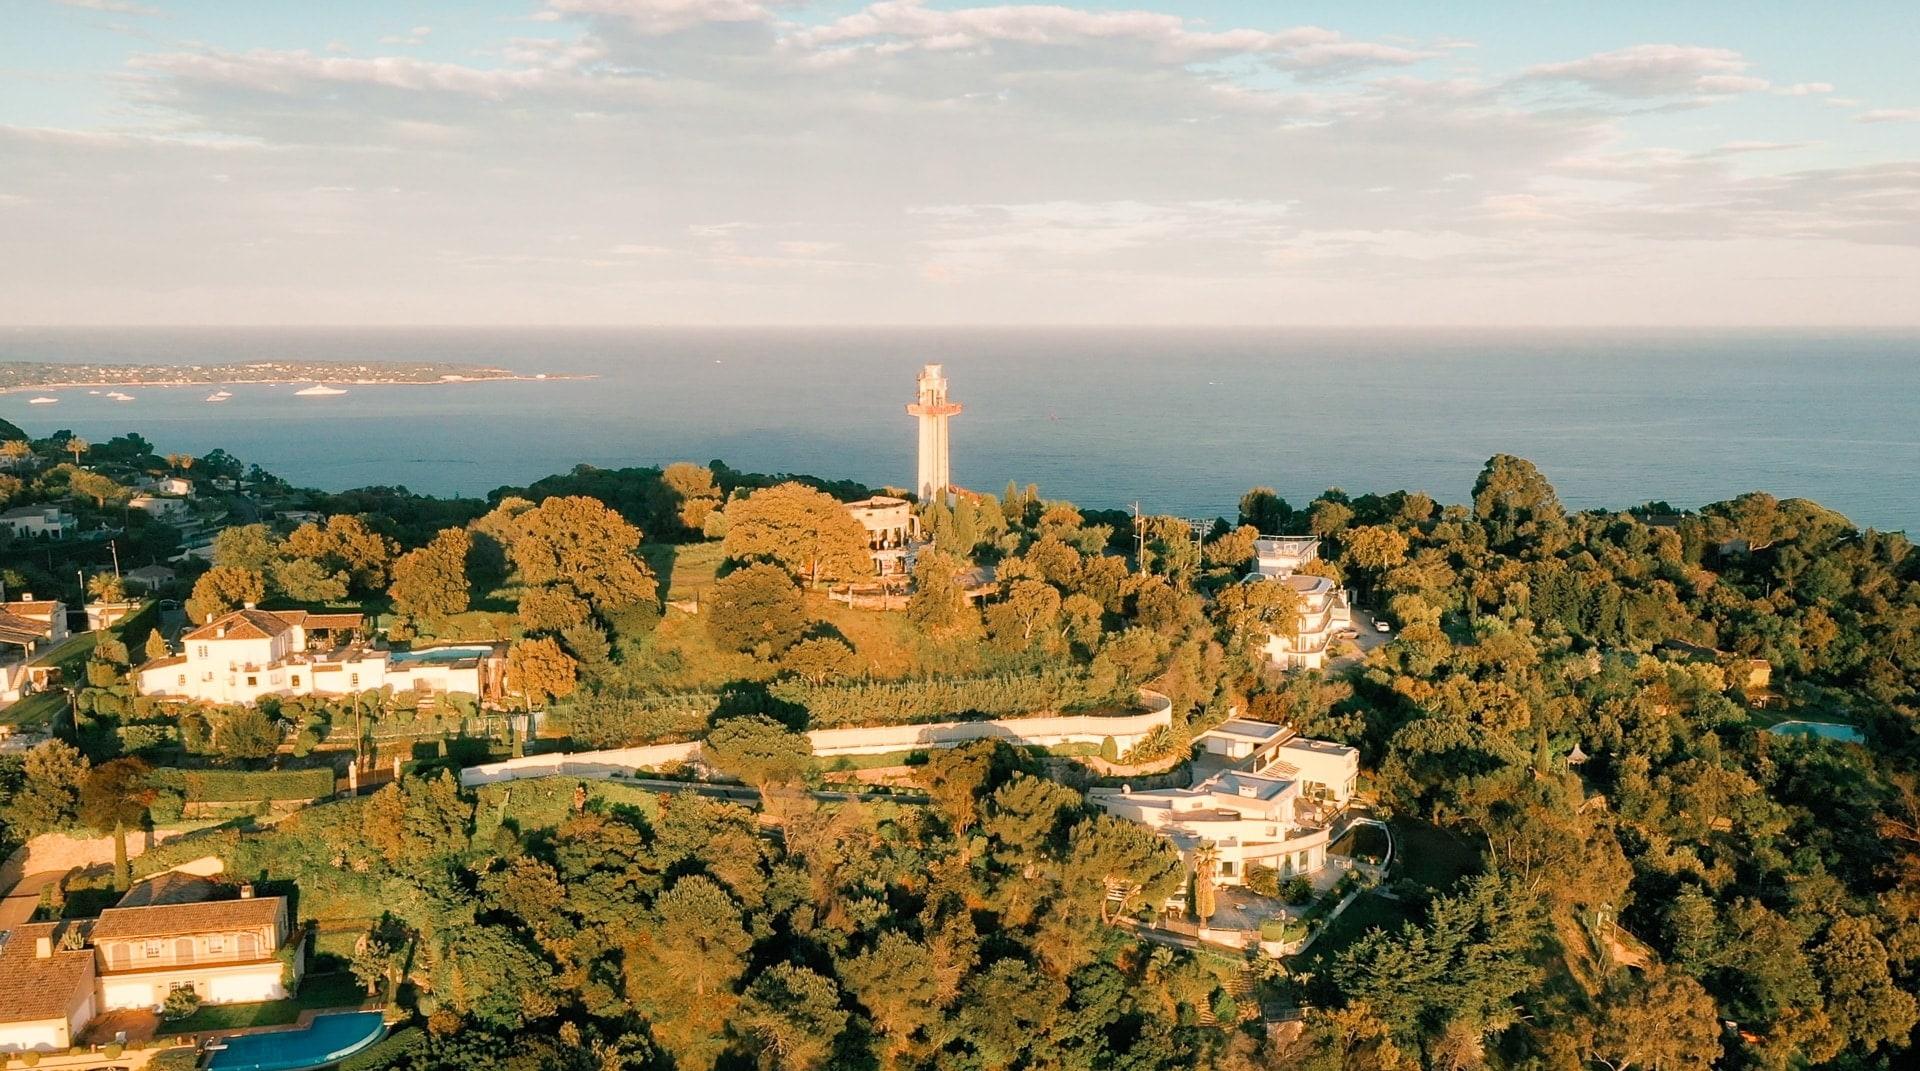 Observatoire de Super-Cannes